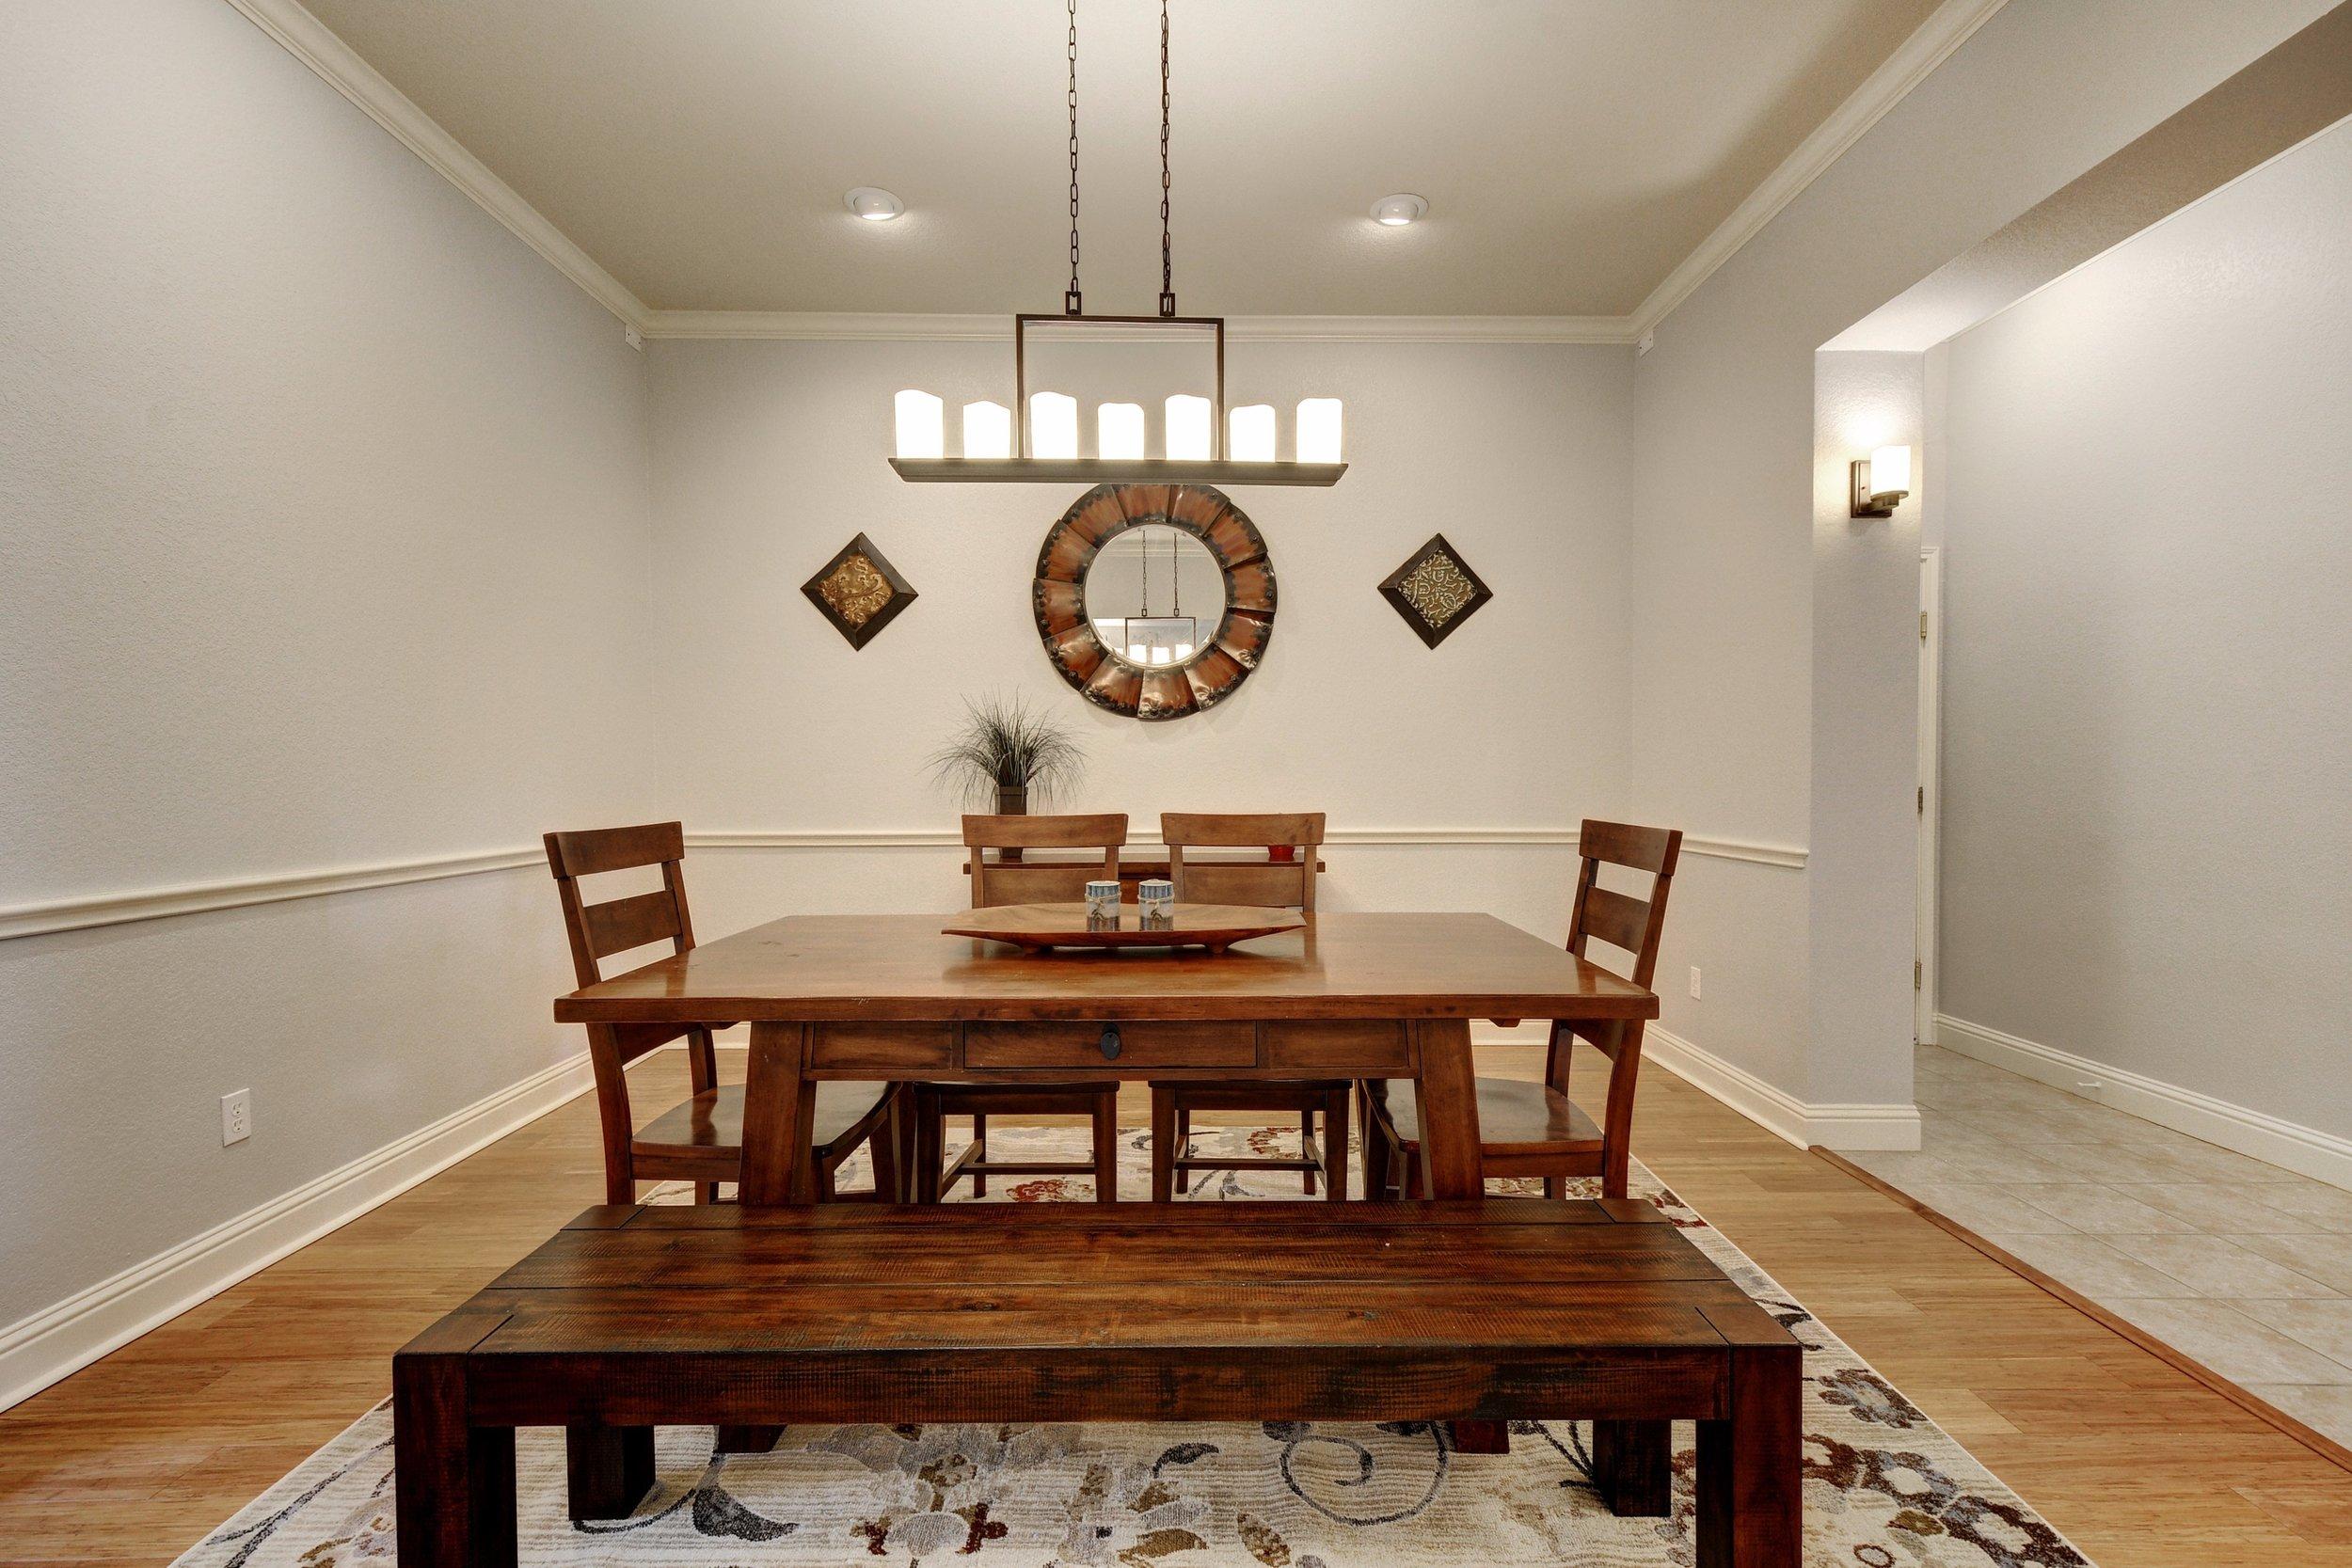 013-248949-Formal Dining 002_5638101.jpg